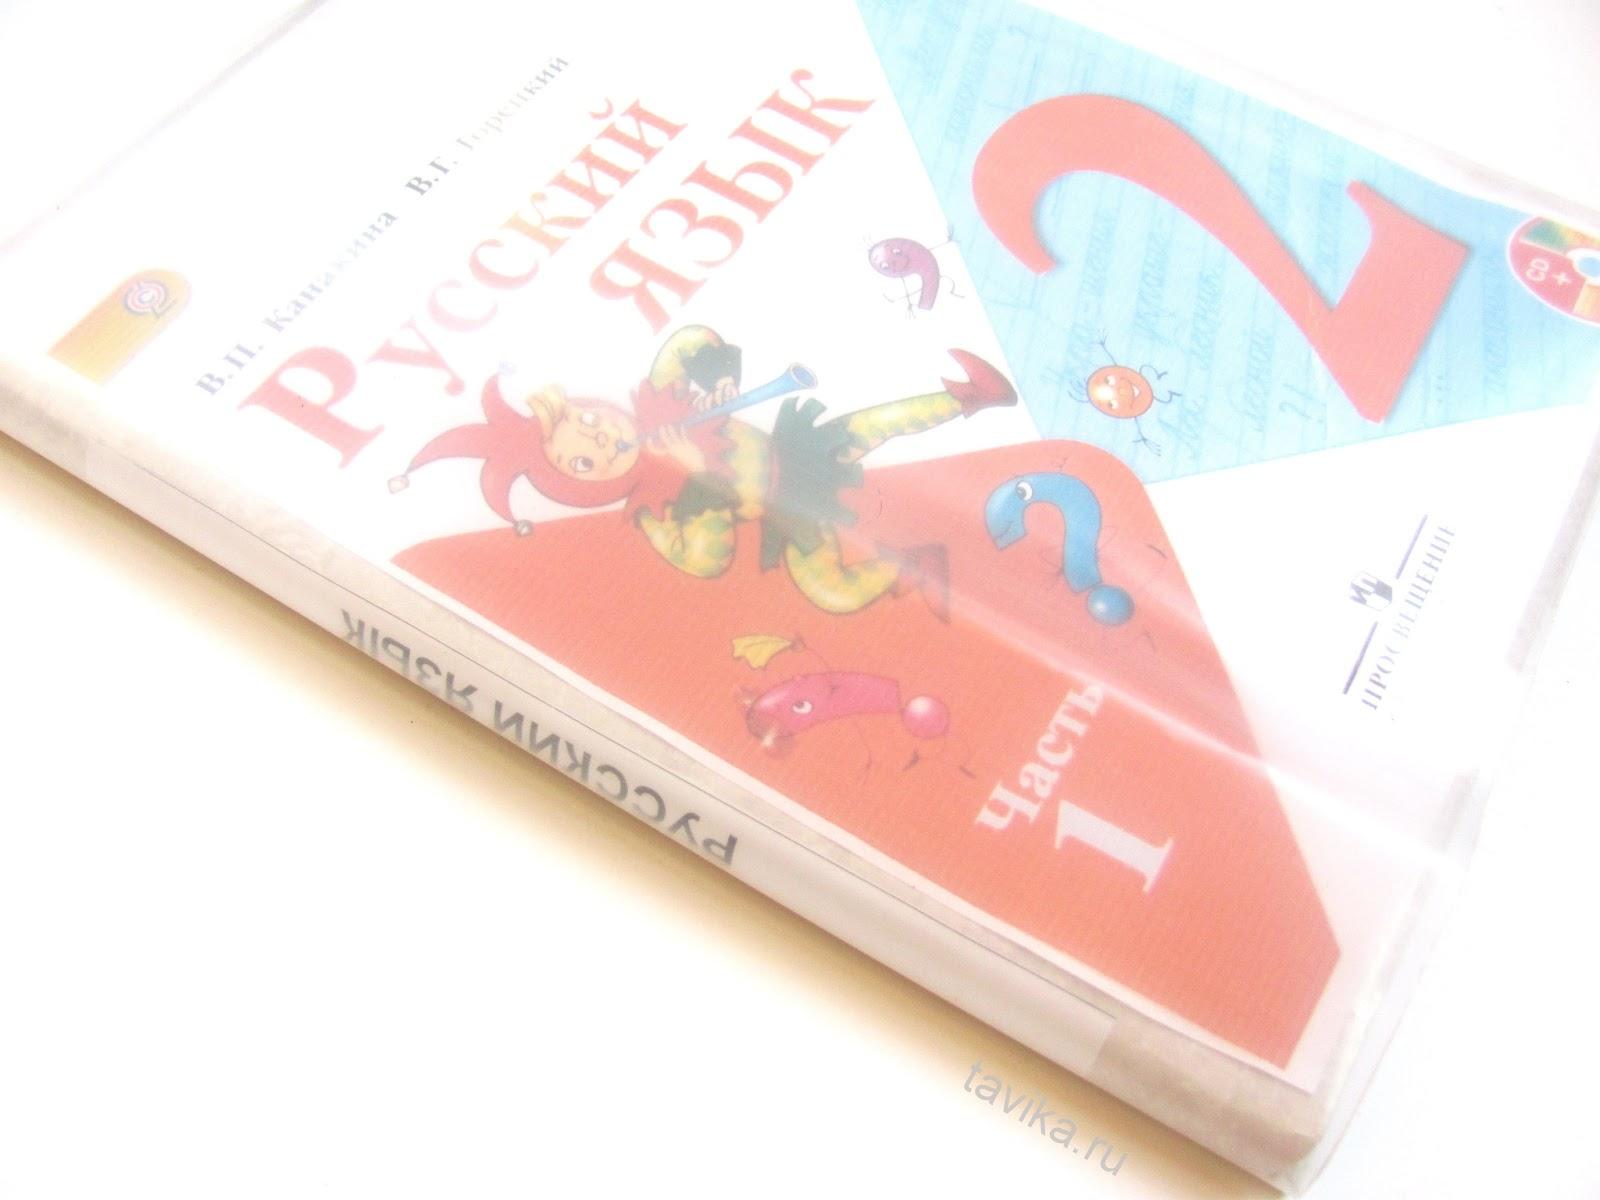 Как сделать обложку из полиэтилена для книги